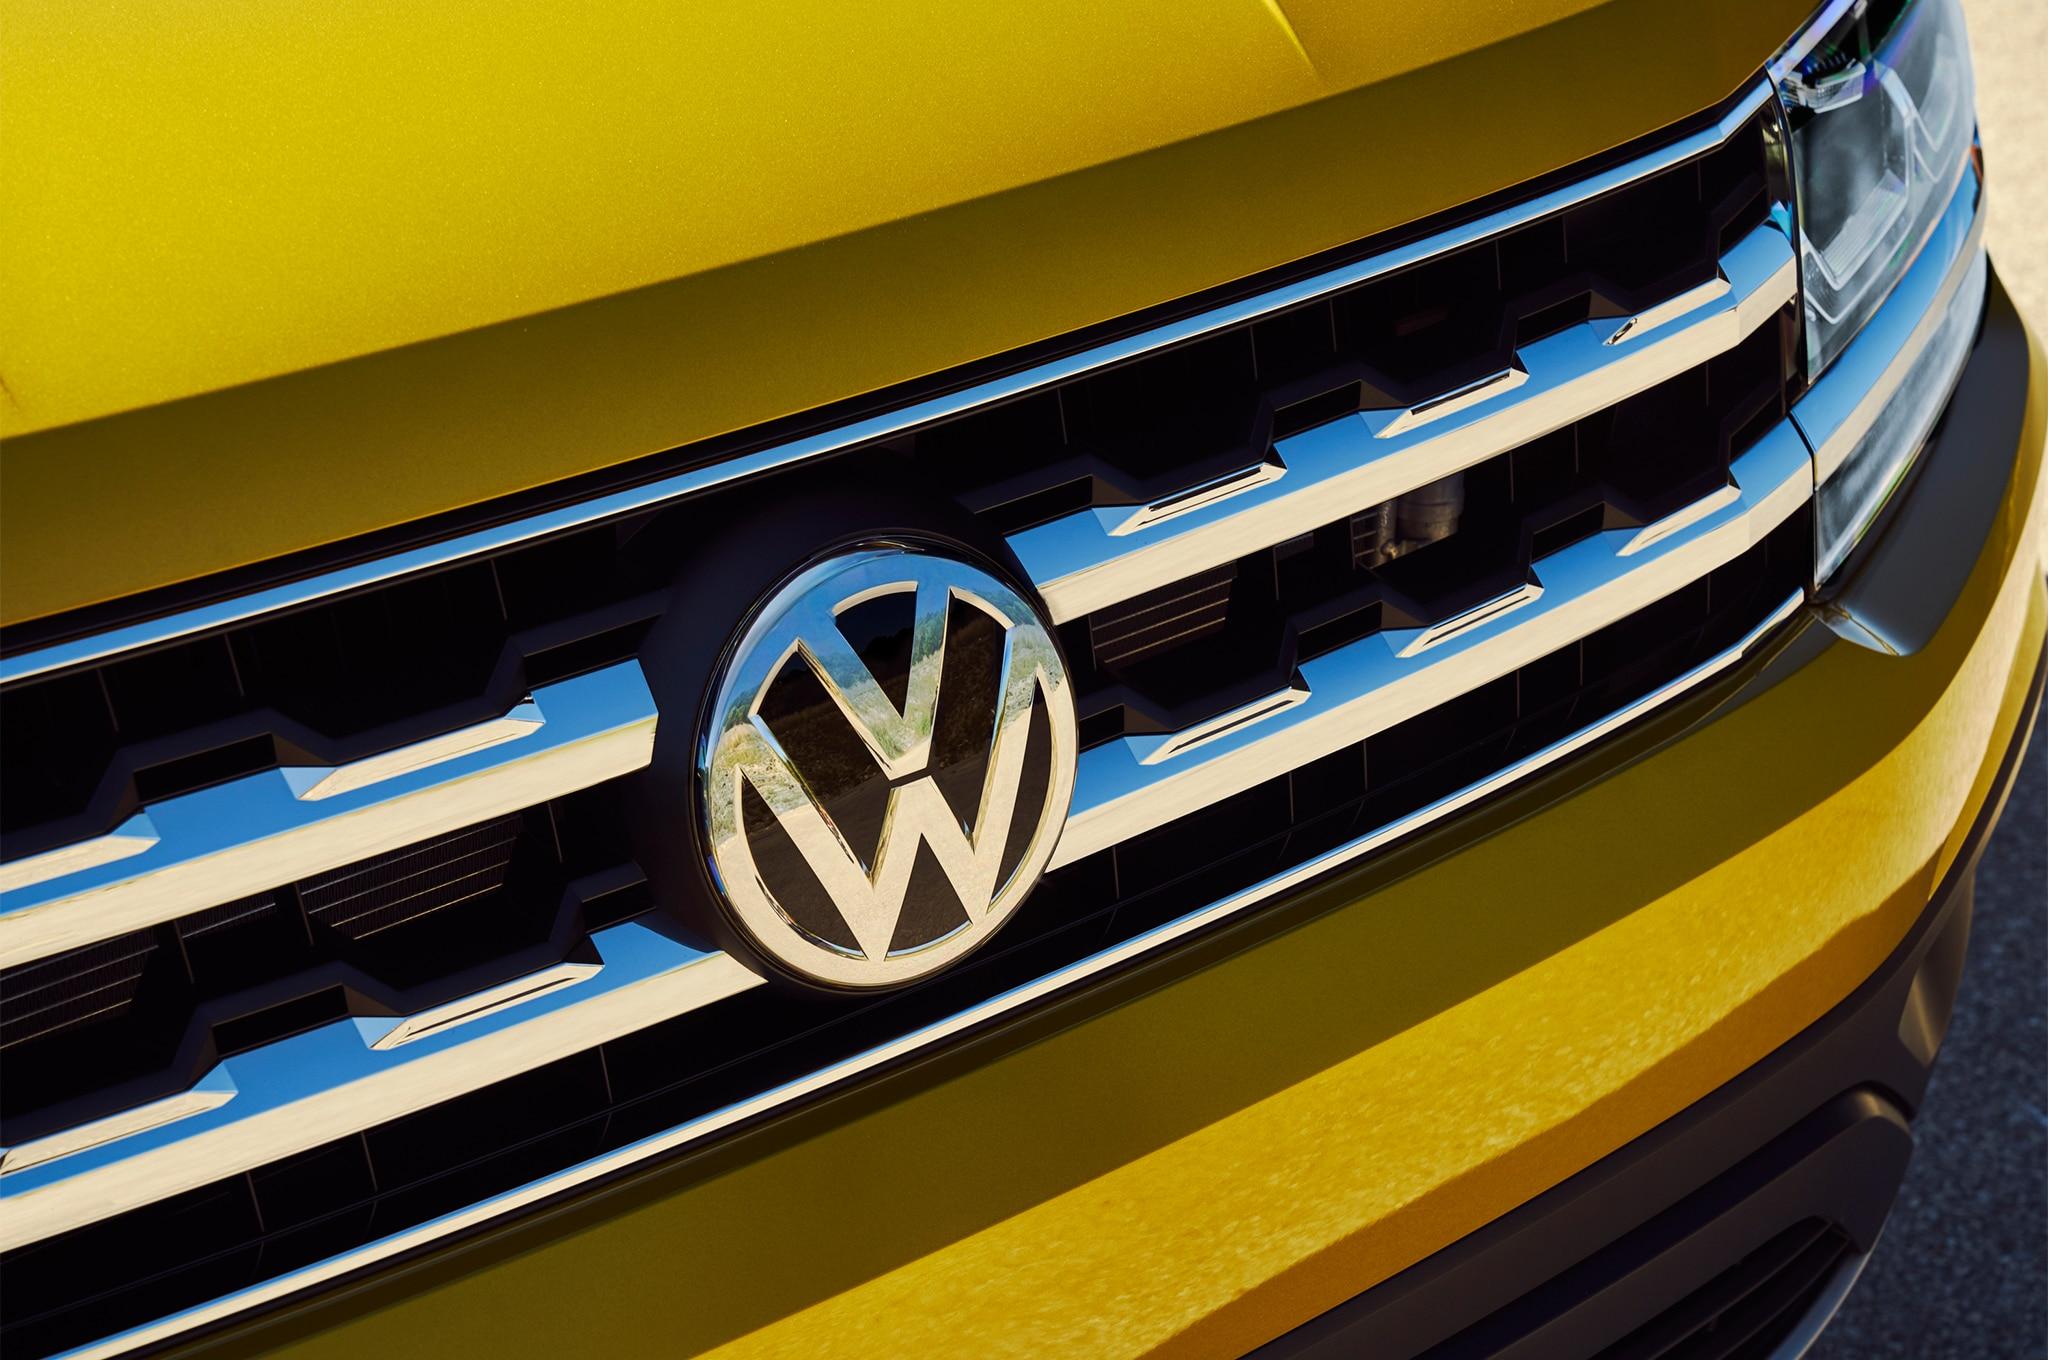 2018 Volkswagen Atlas Grille 02 6